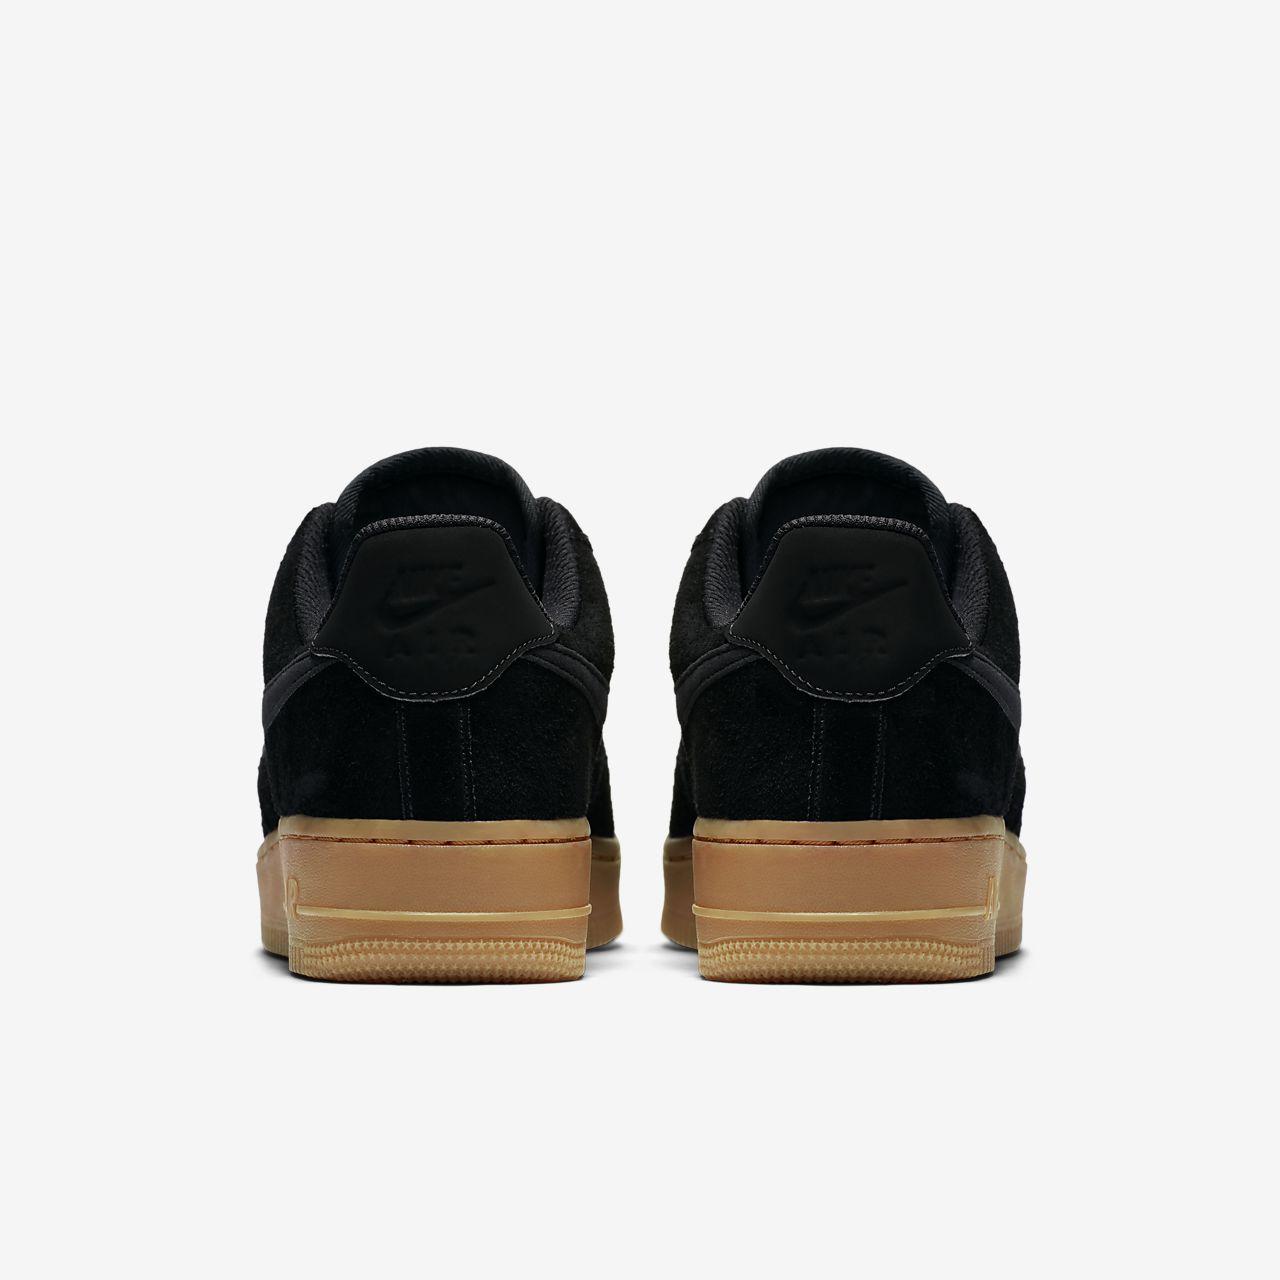 premium selection 69de8 9e564 ... Nike Air Force 1 07 SE Suede Womens Shoe